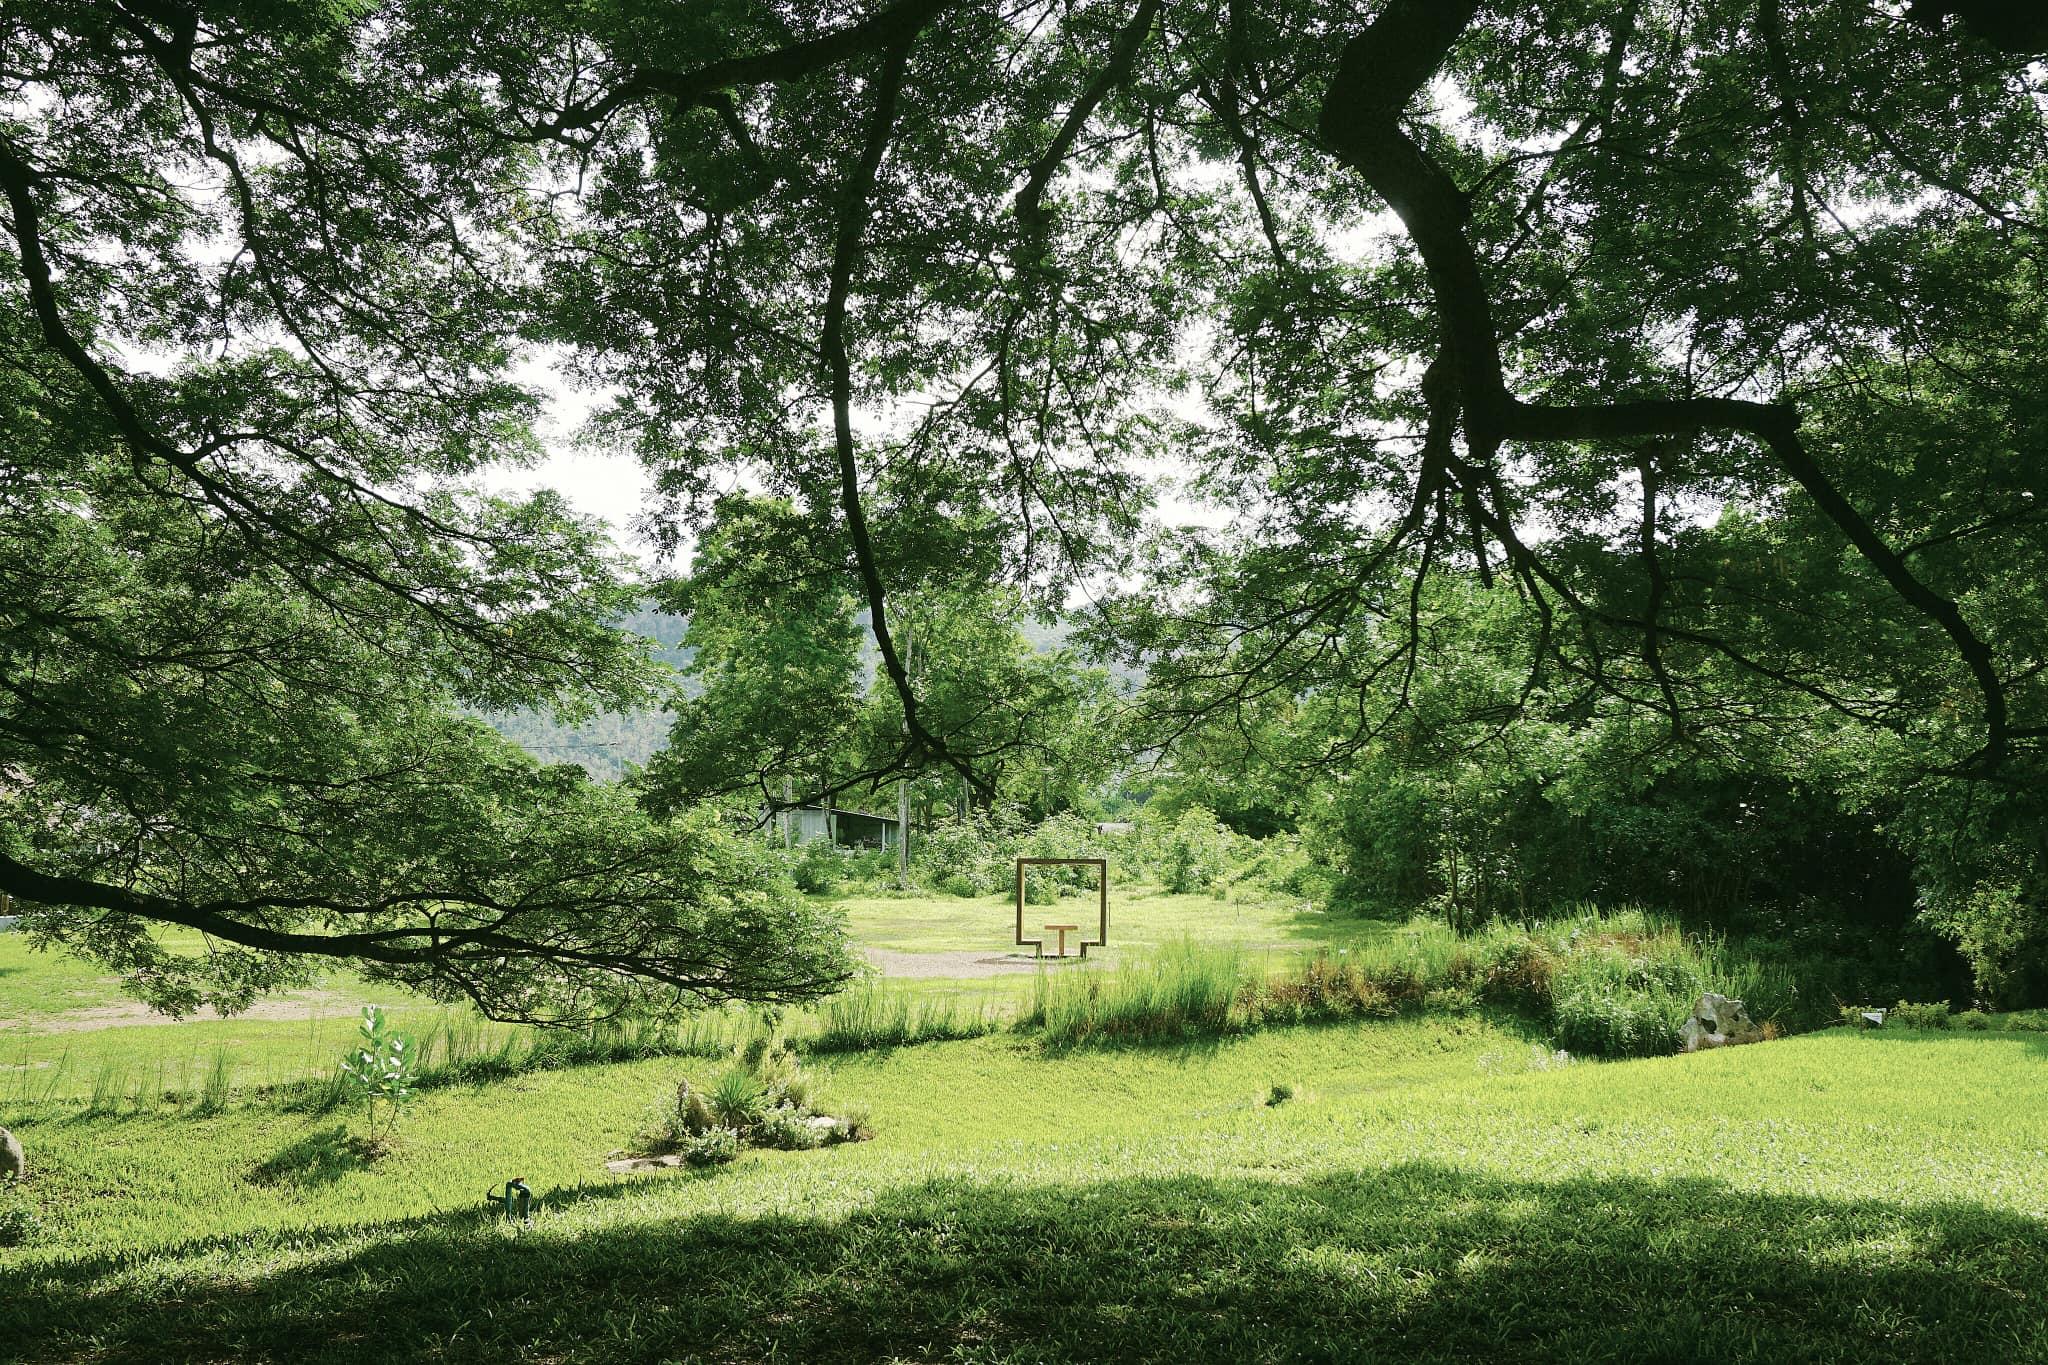 Hình ảnh cây xanh đẹp tuyệt vời